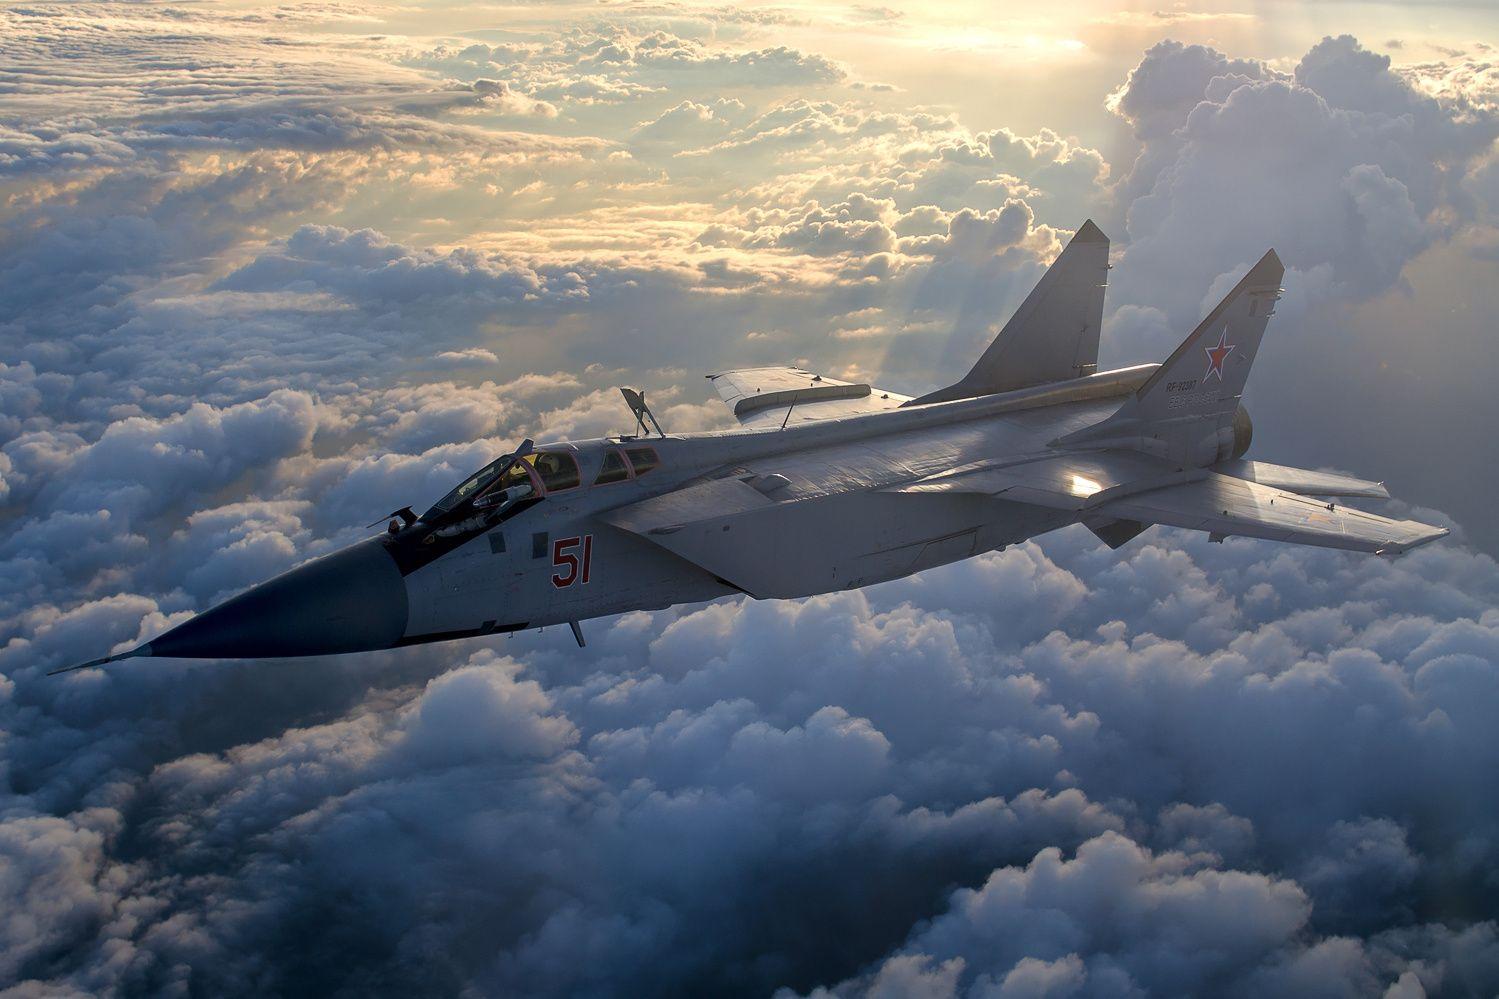 Vụ chiến đâu cơ MiG-25 của Liên Xô 'sỉ nhục' Israel năm 1973